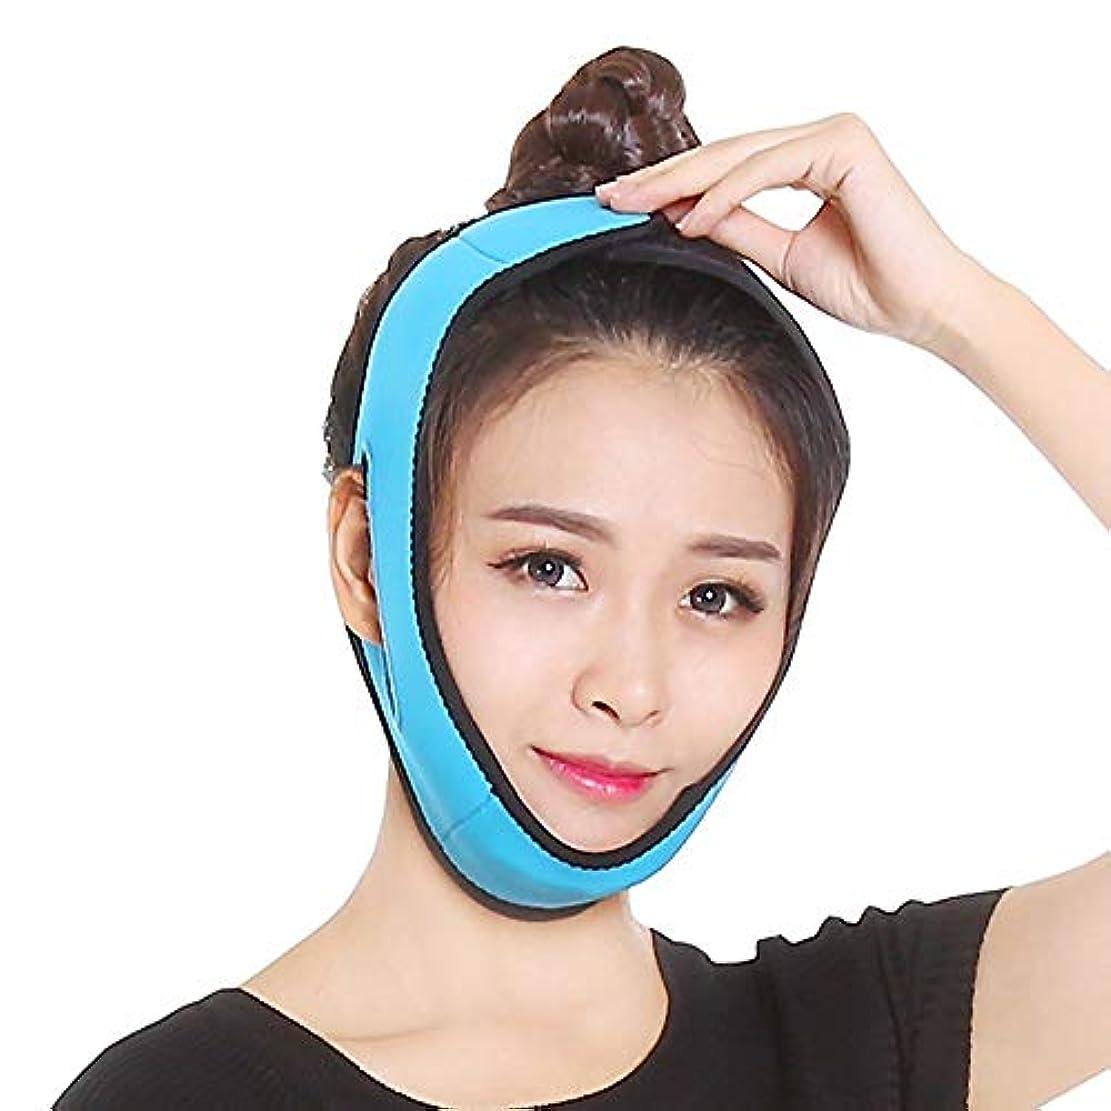 詐欺シーサイド呼吸飛強強 フェイシャルリフティングスリミングベルト - 薄いフェイス包帯二重あごデバイス無料フェイシャルマッサージ整形マスクを引き締める顔と首の顔スリム スリムフィット美容ツール